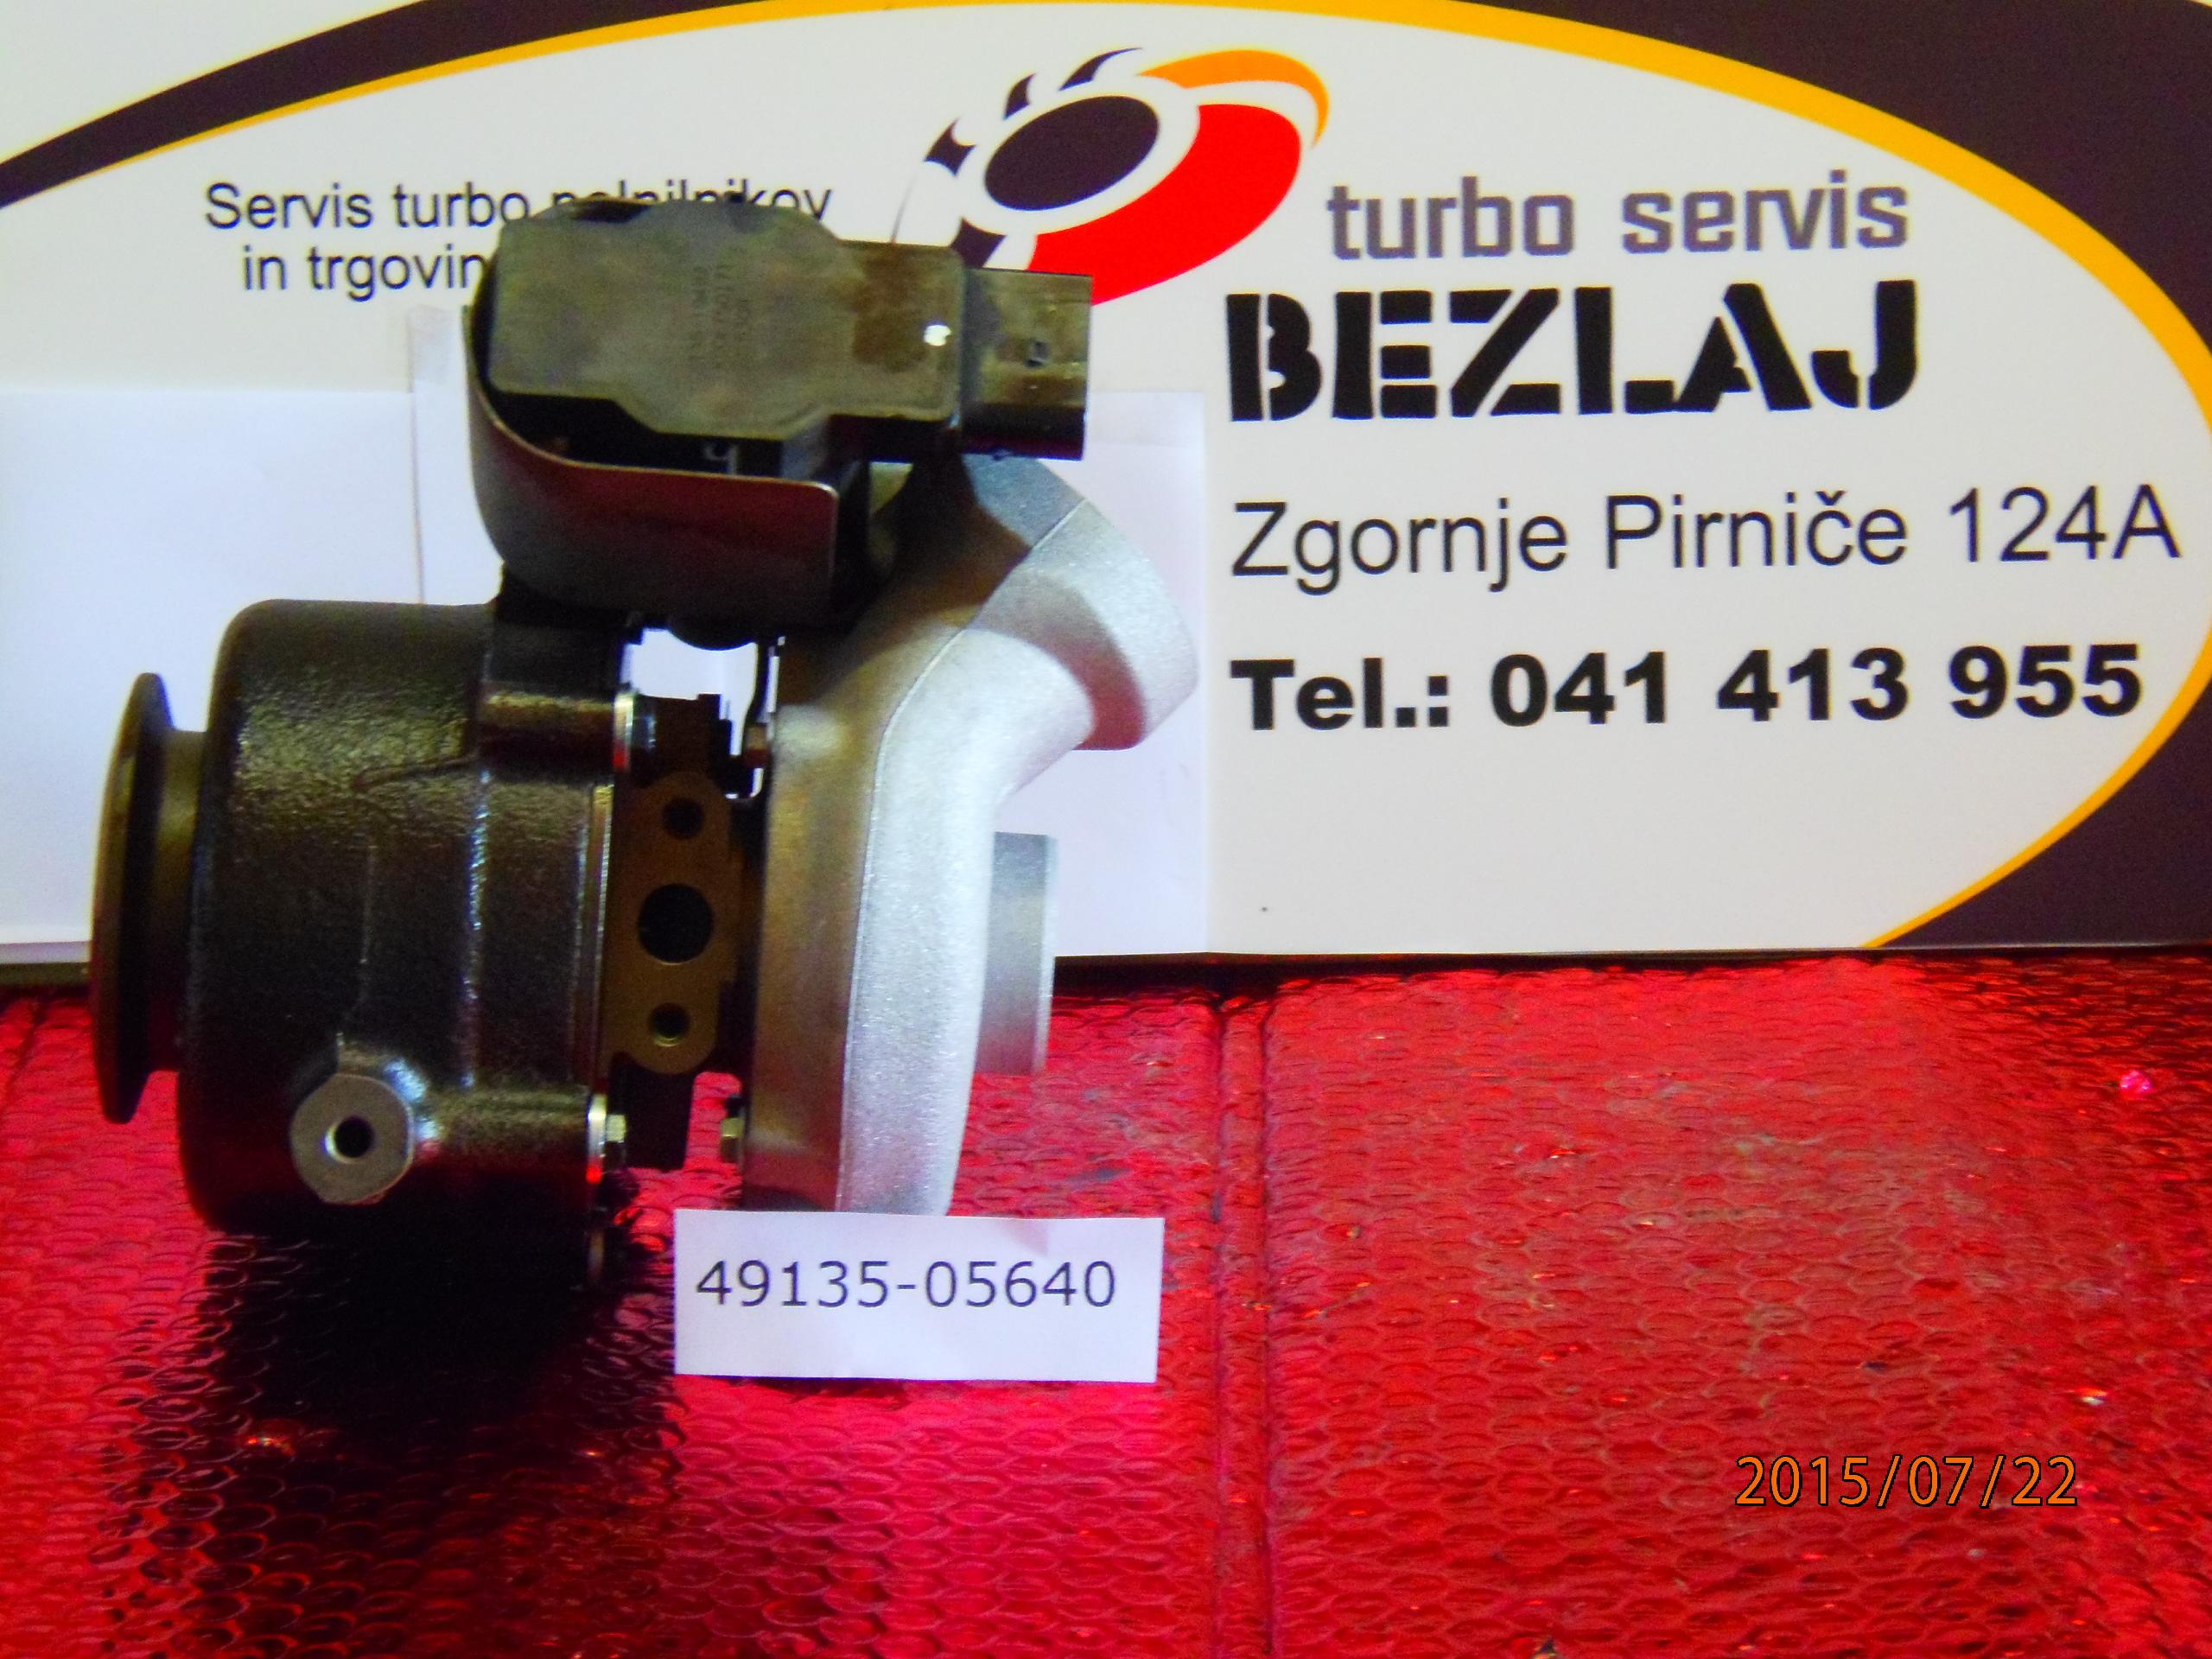 turbo49135-05640 (2)